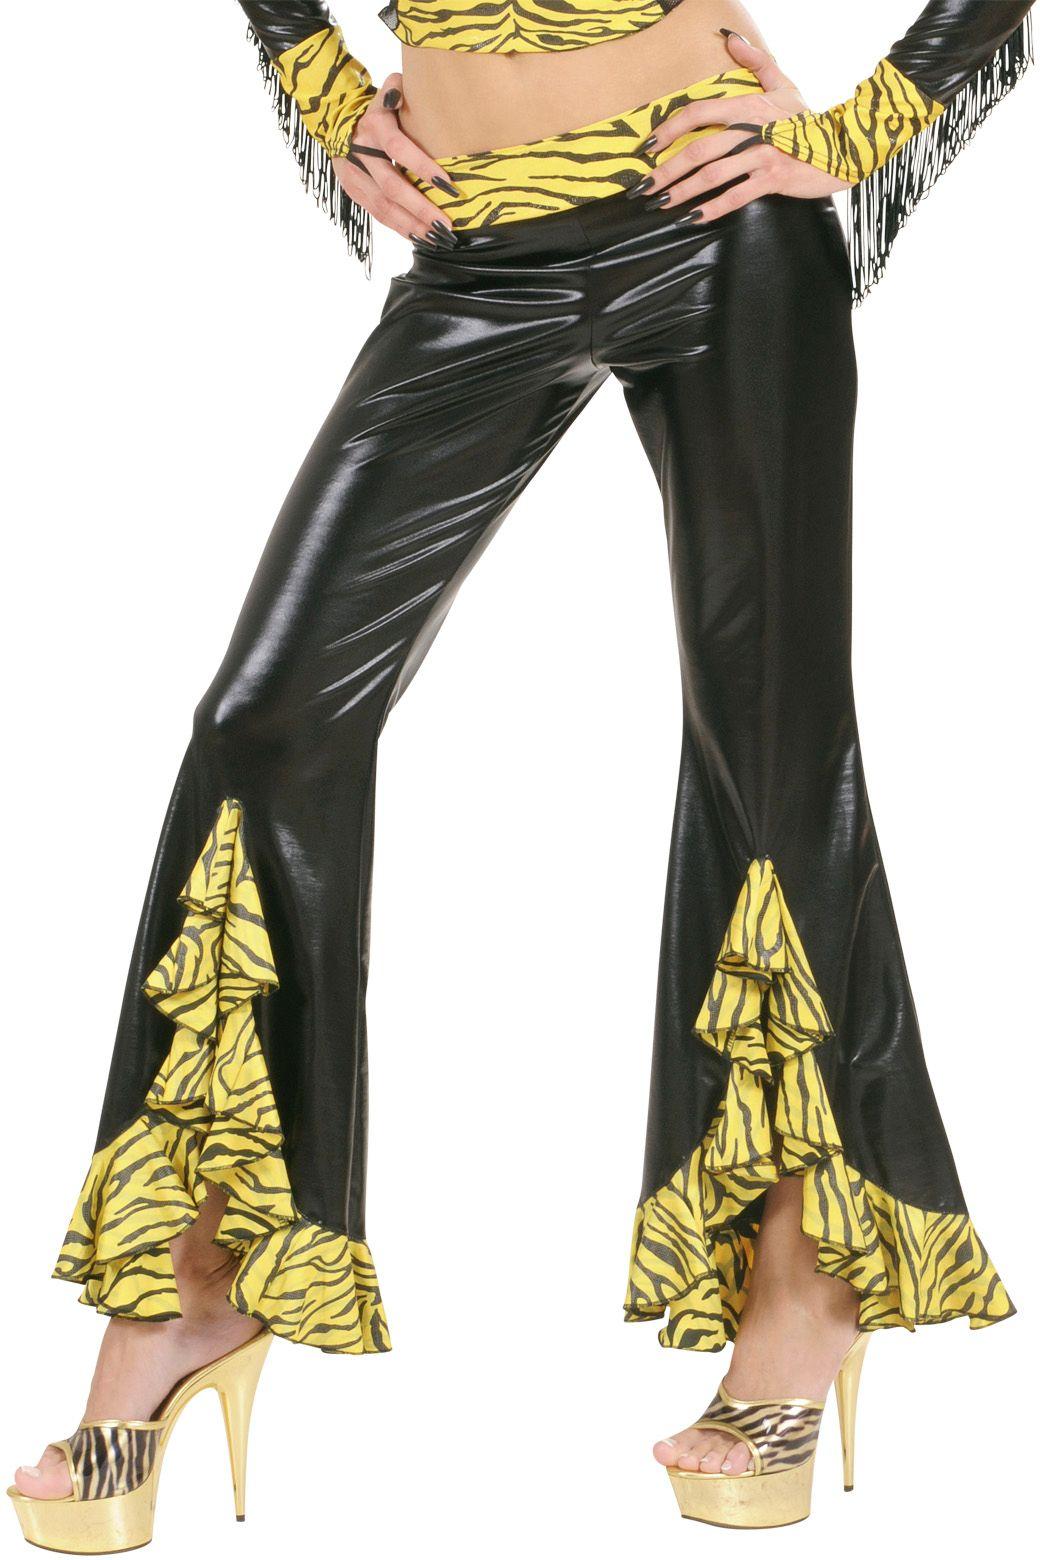 Tijger broek dames